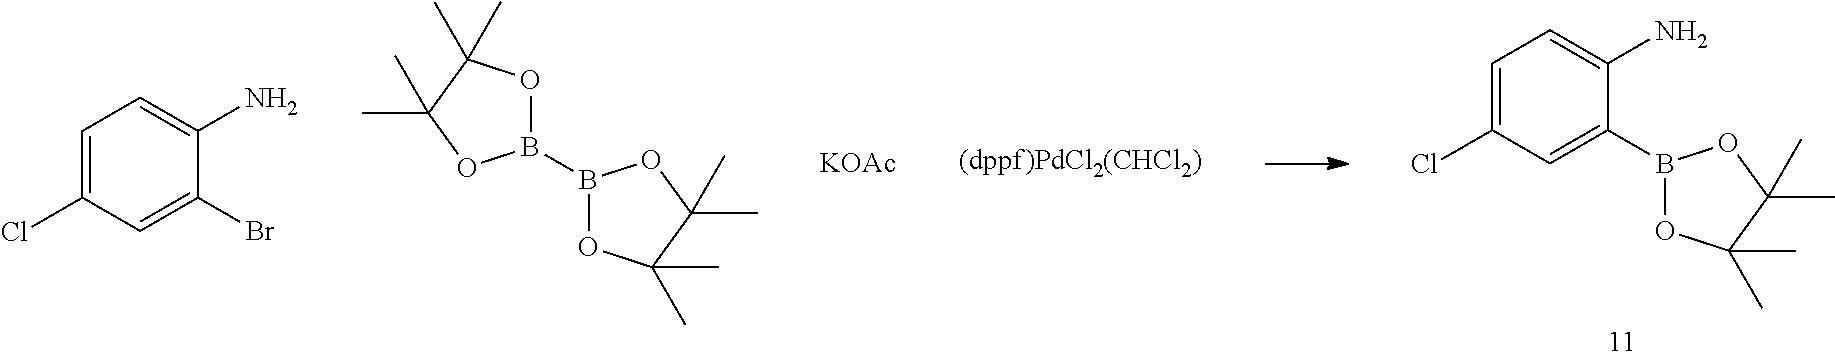 Figure US09905785-20180227-C00387